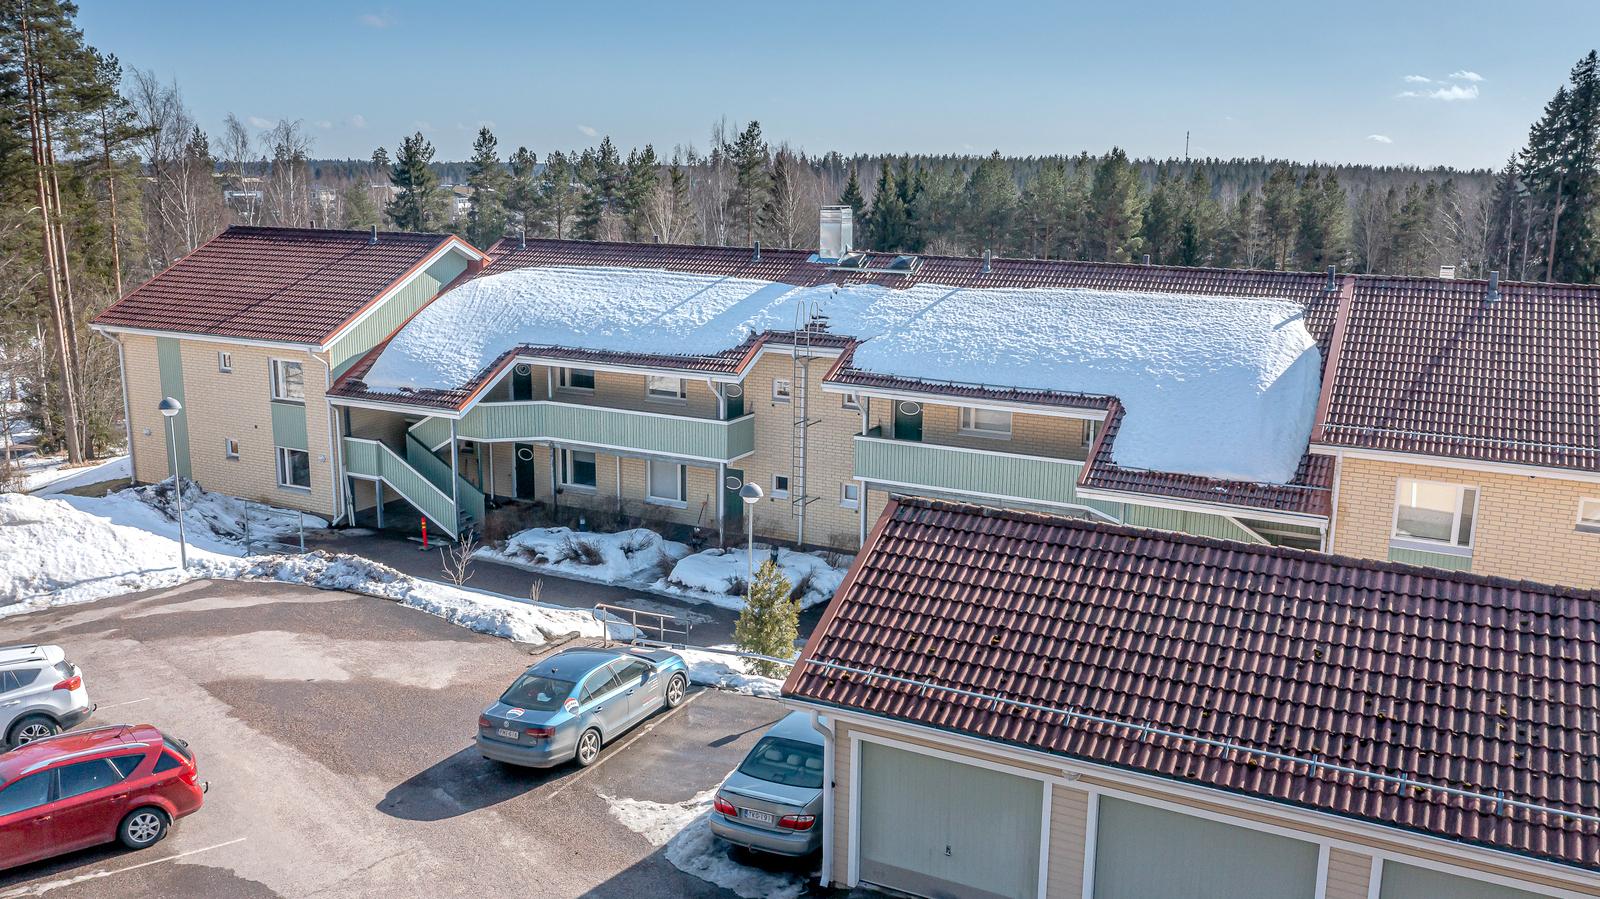 Anttila, Mäntsälä